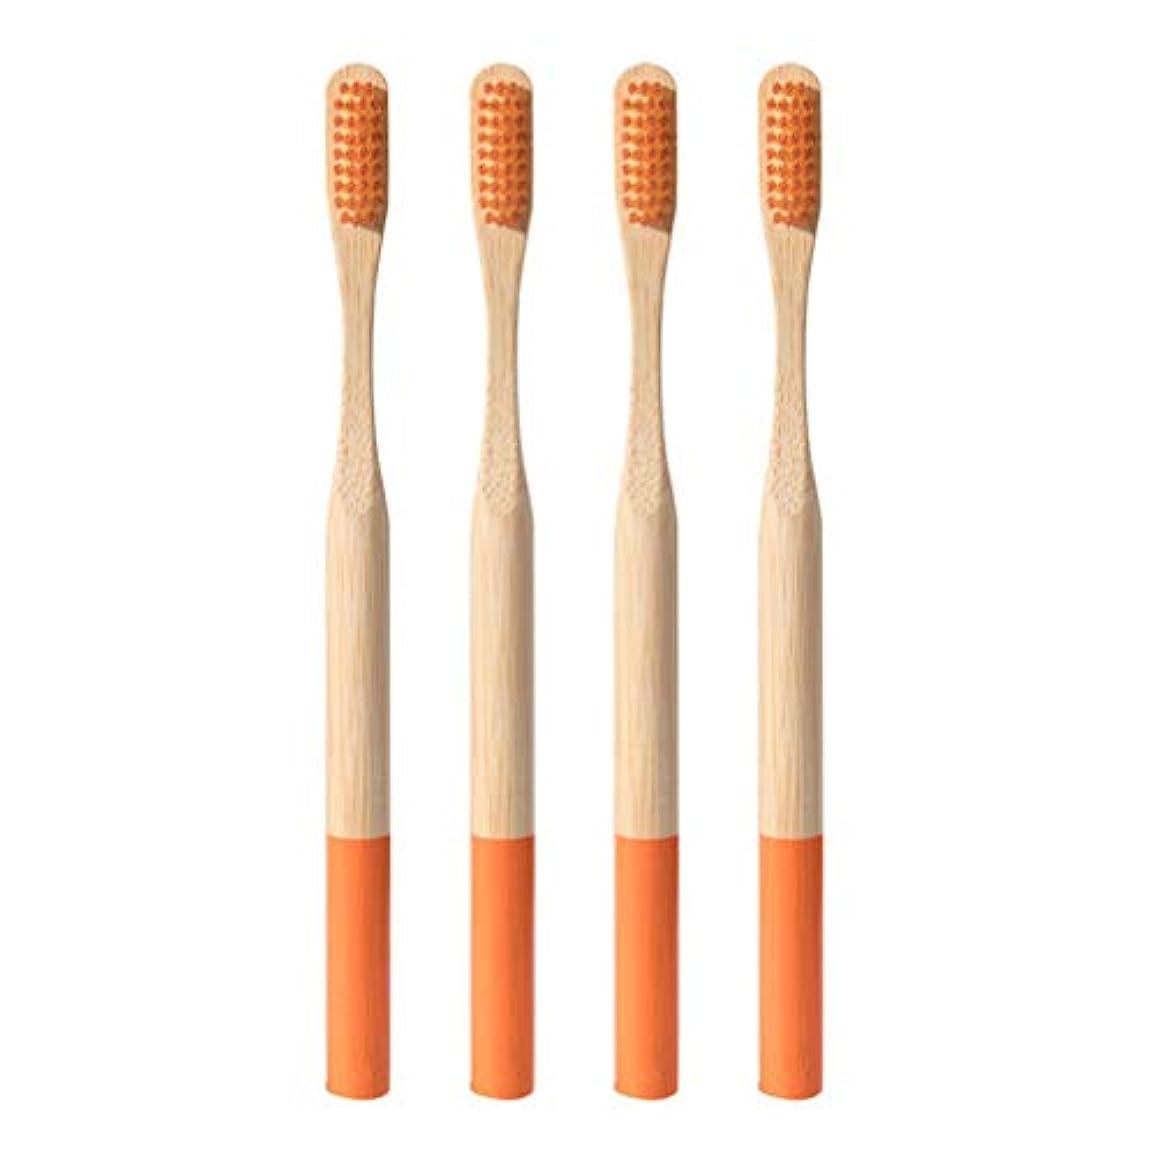 である謝罪する全滅させるHeallily 竹歯ブラシ4ピースソフトブリスル歯ブラシ生分解性、環境に優しいソフト歯ブラシ、大人用の細い毛を備えた抗菌歯ブラシ(オレンジ)